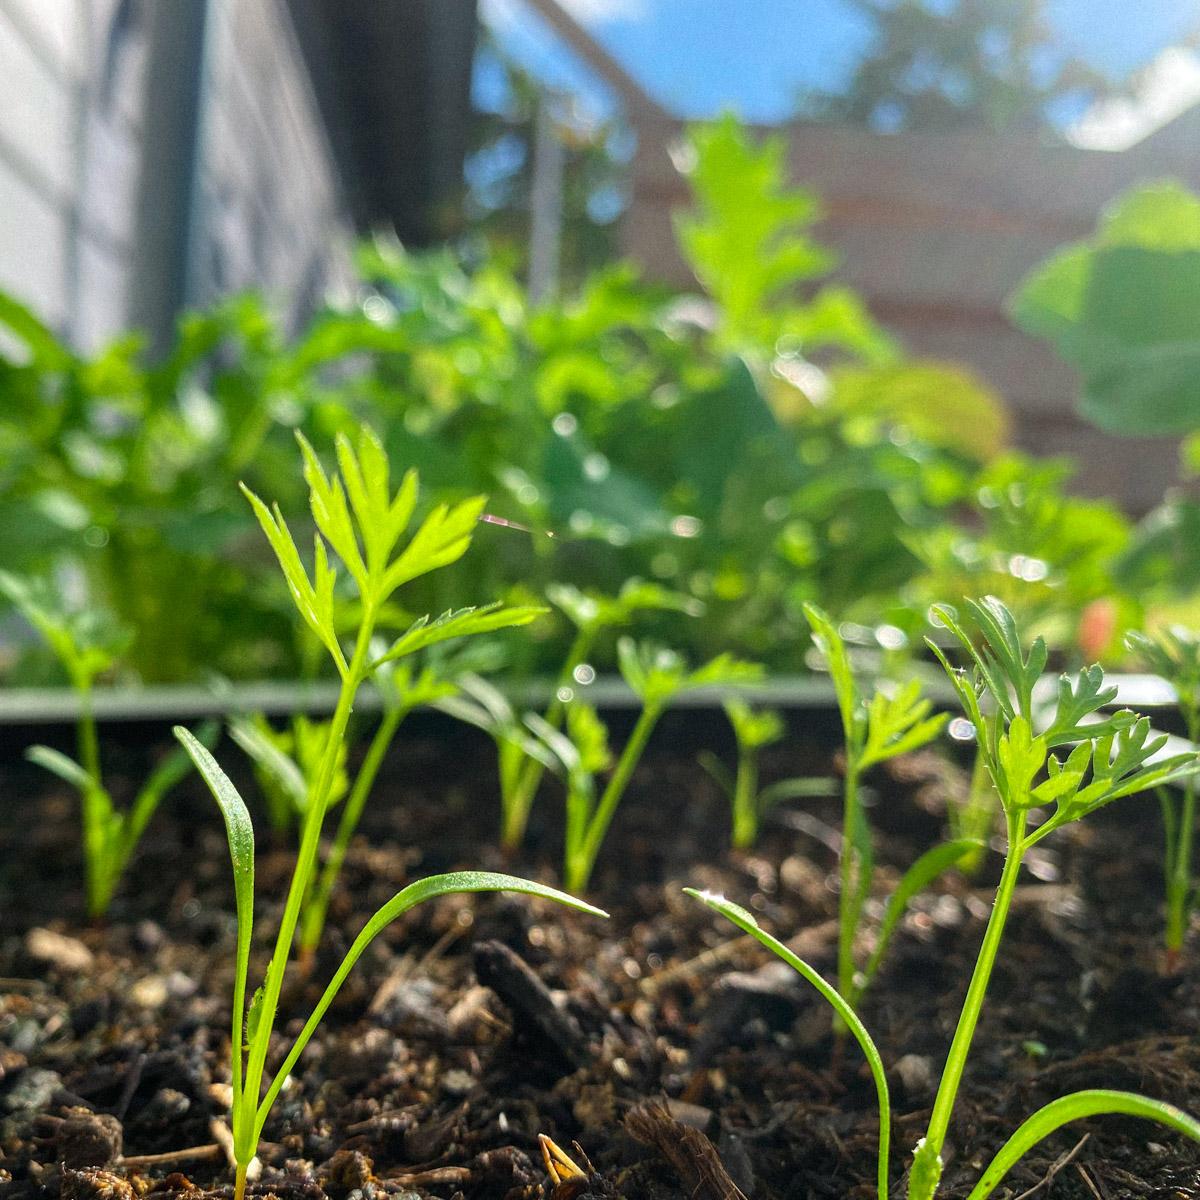 blog-1-sept-2021-tour-of-the-planty-garden22.jpg